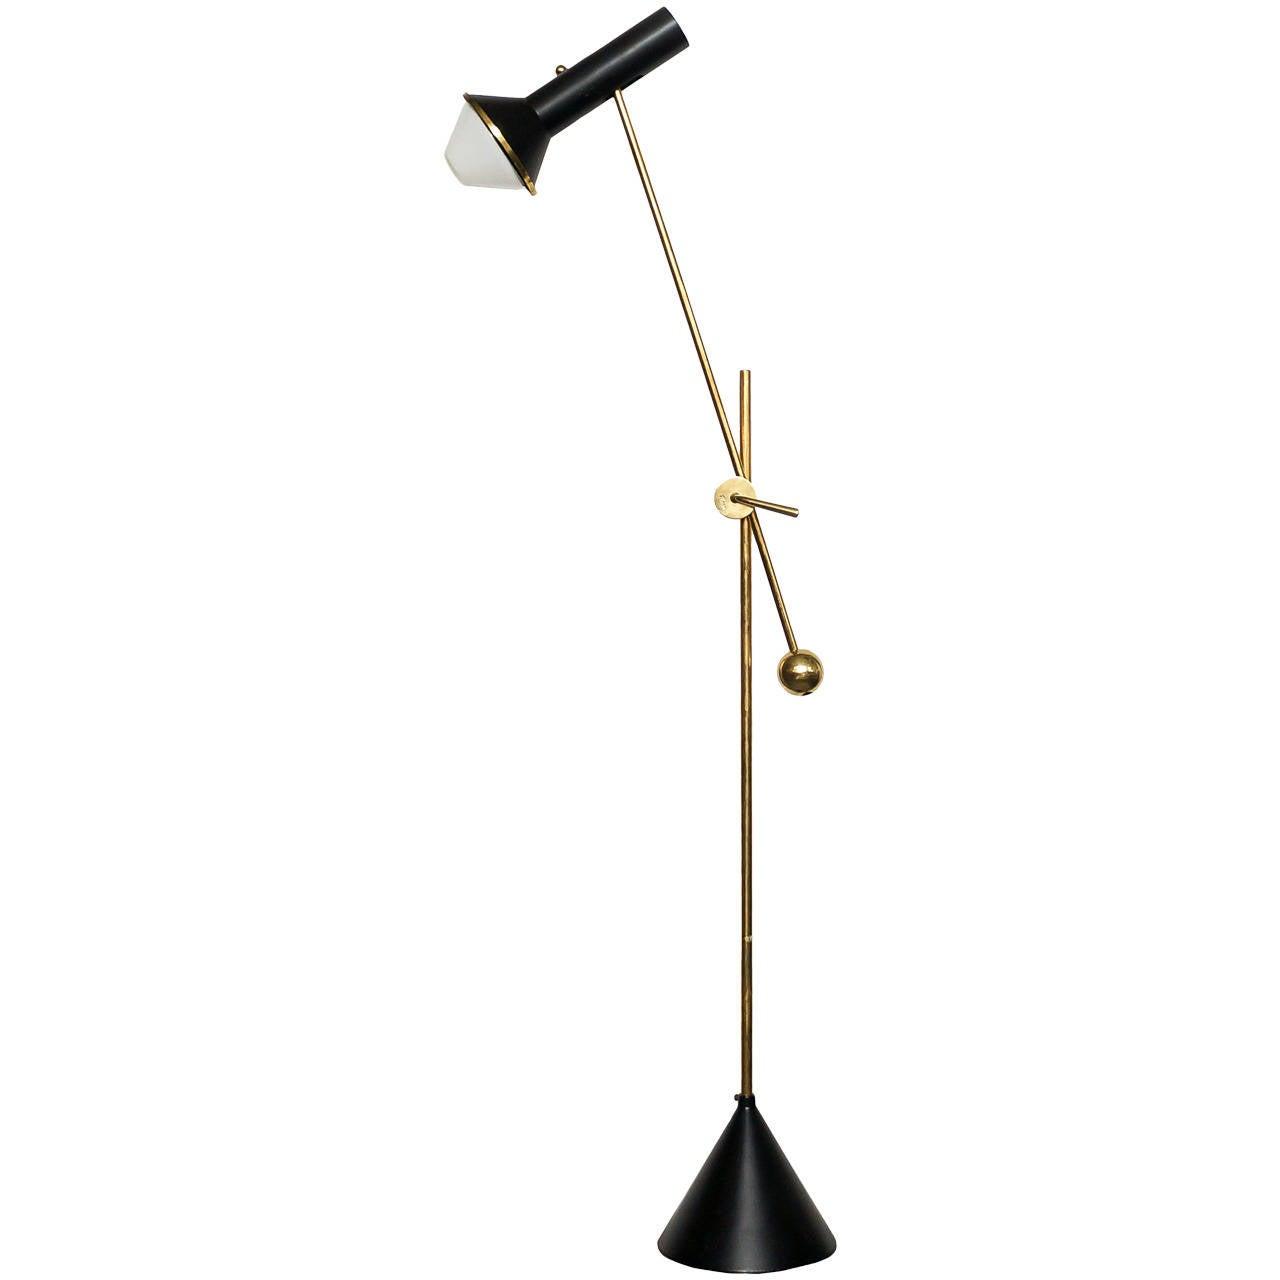 Tapio Wirkkala Adjustable Floor Lamp, 1950s